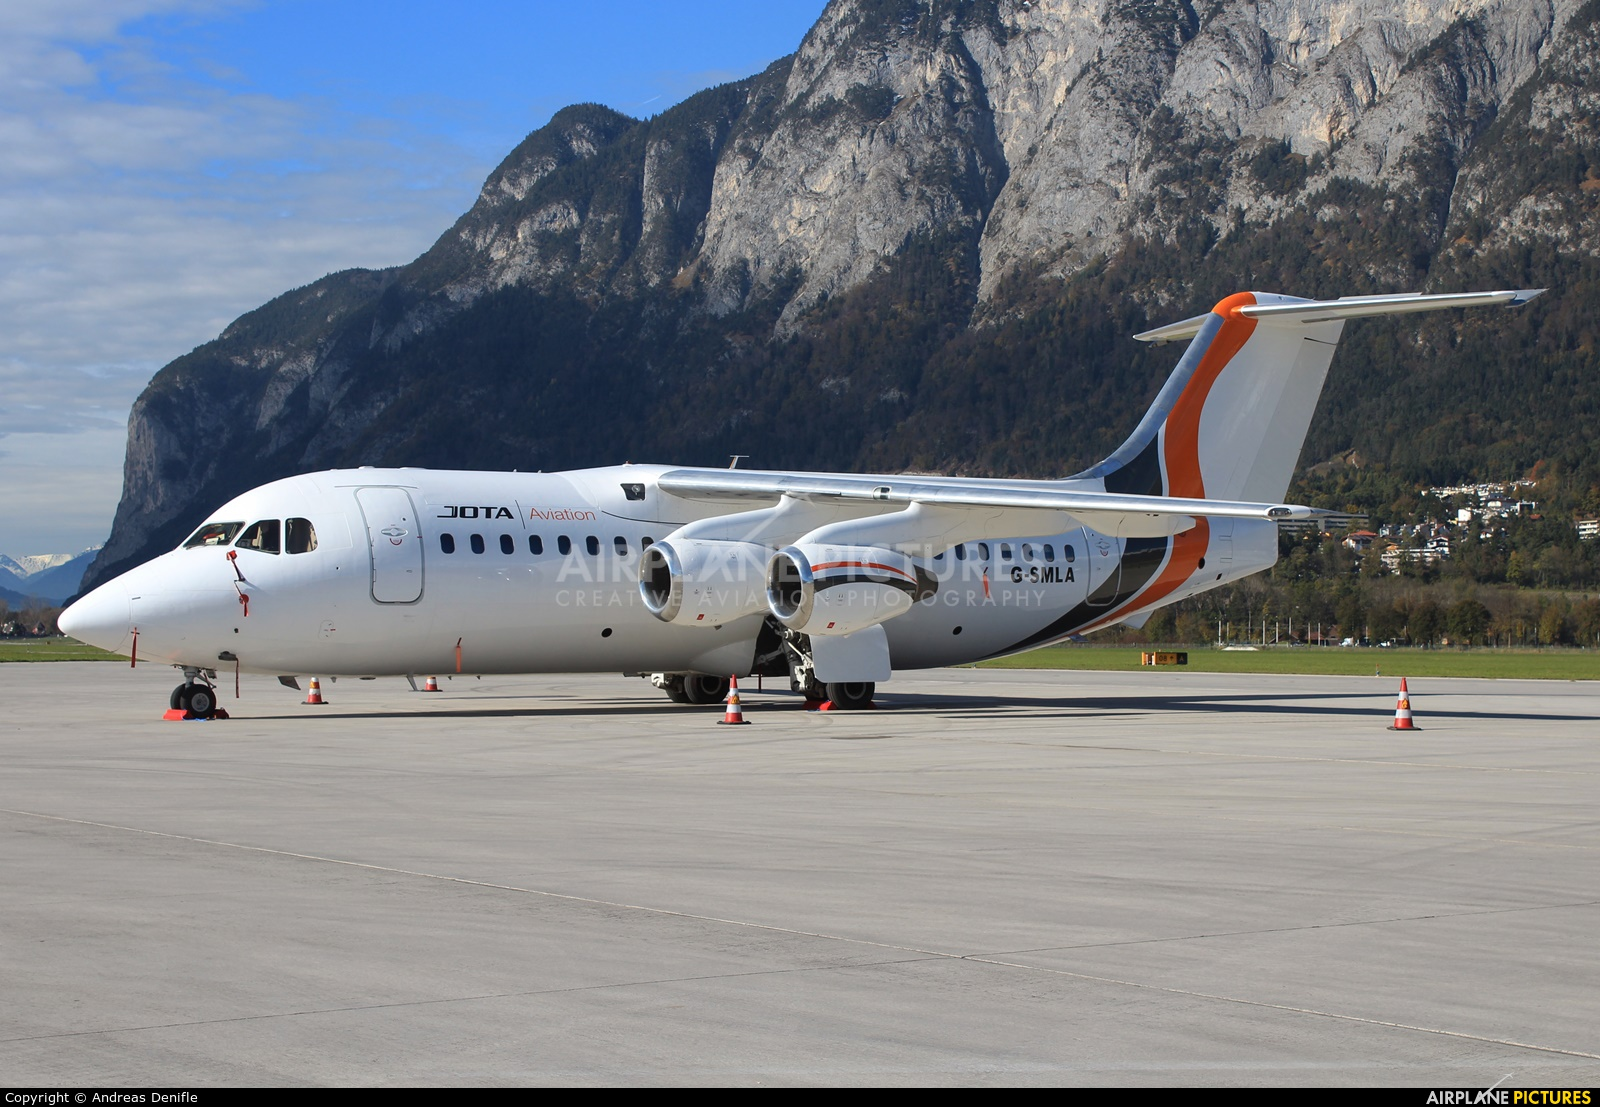 Jota Aviation G-SMLA aircraft at Innsbruck